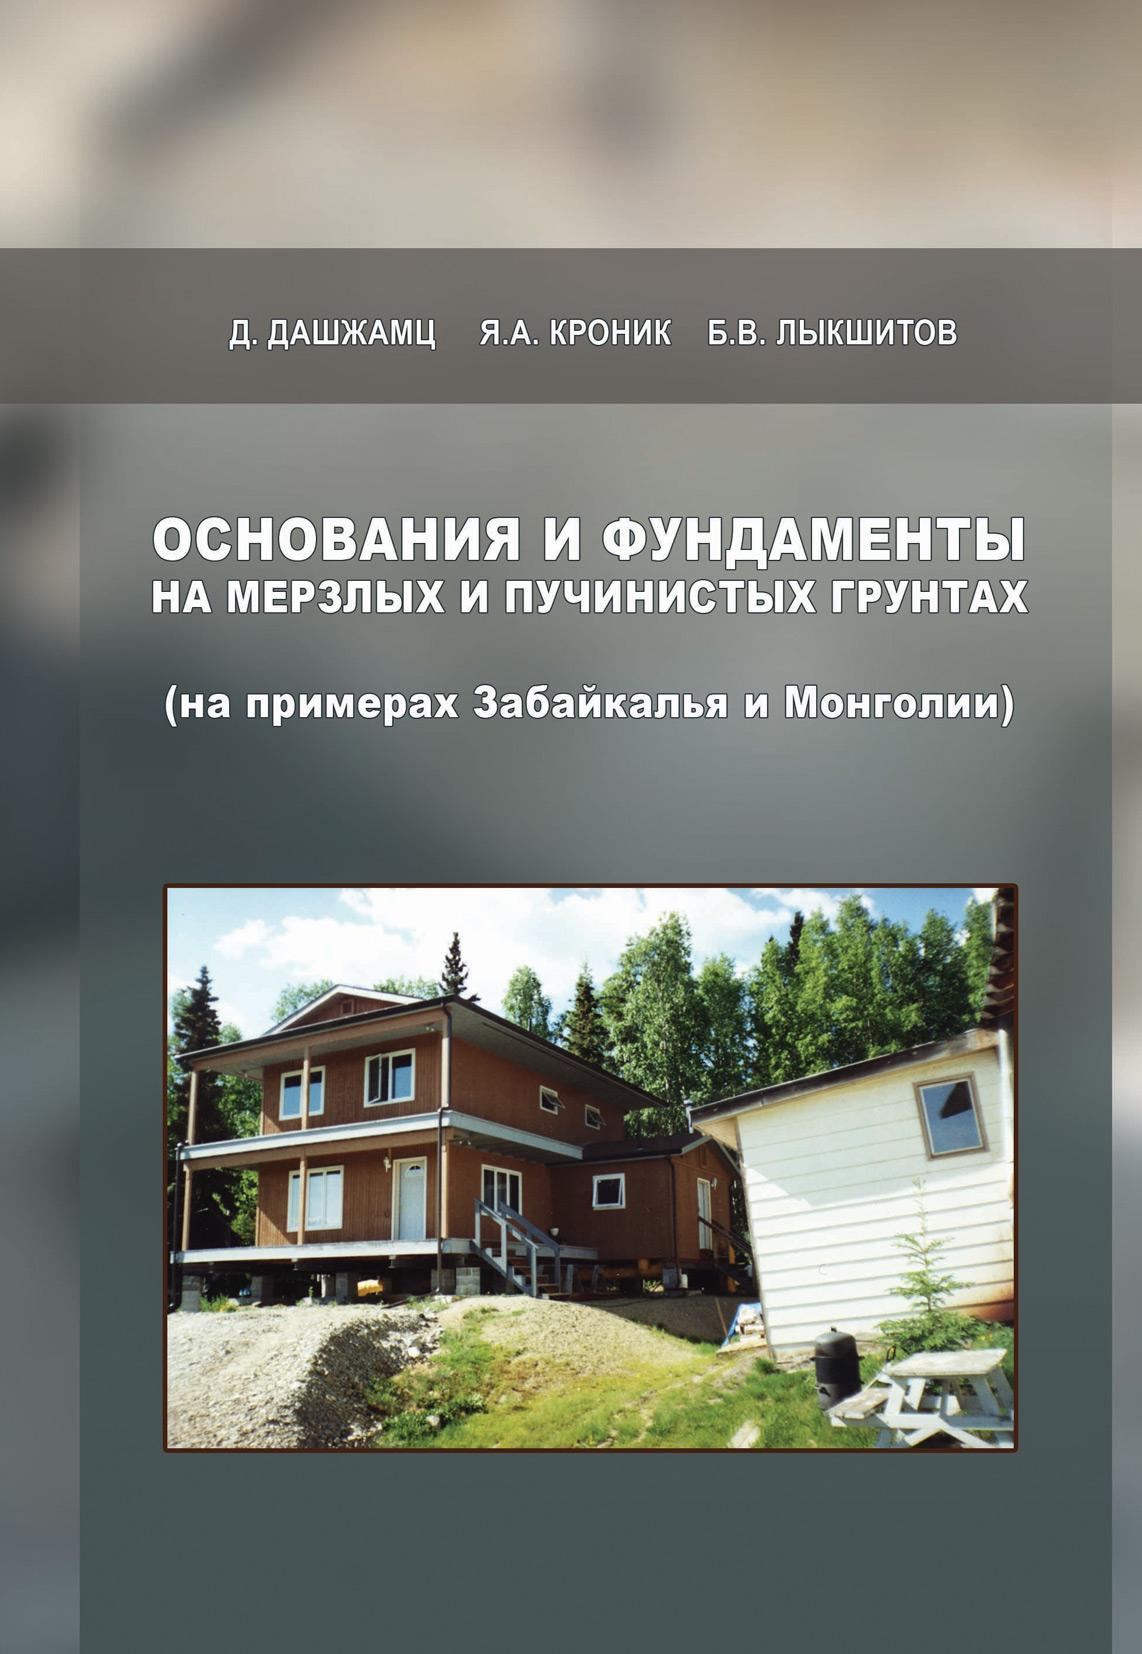 Далайн Дашжамц Основания и фундаменты на мерзлых и пучинистых грунтах (на примерах Забайкалья и Монголии)